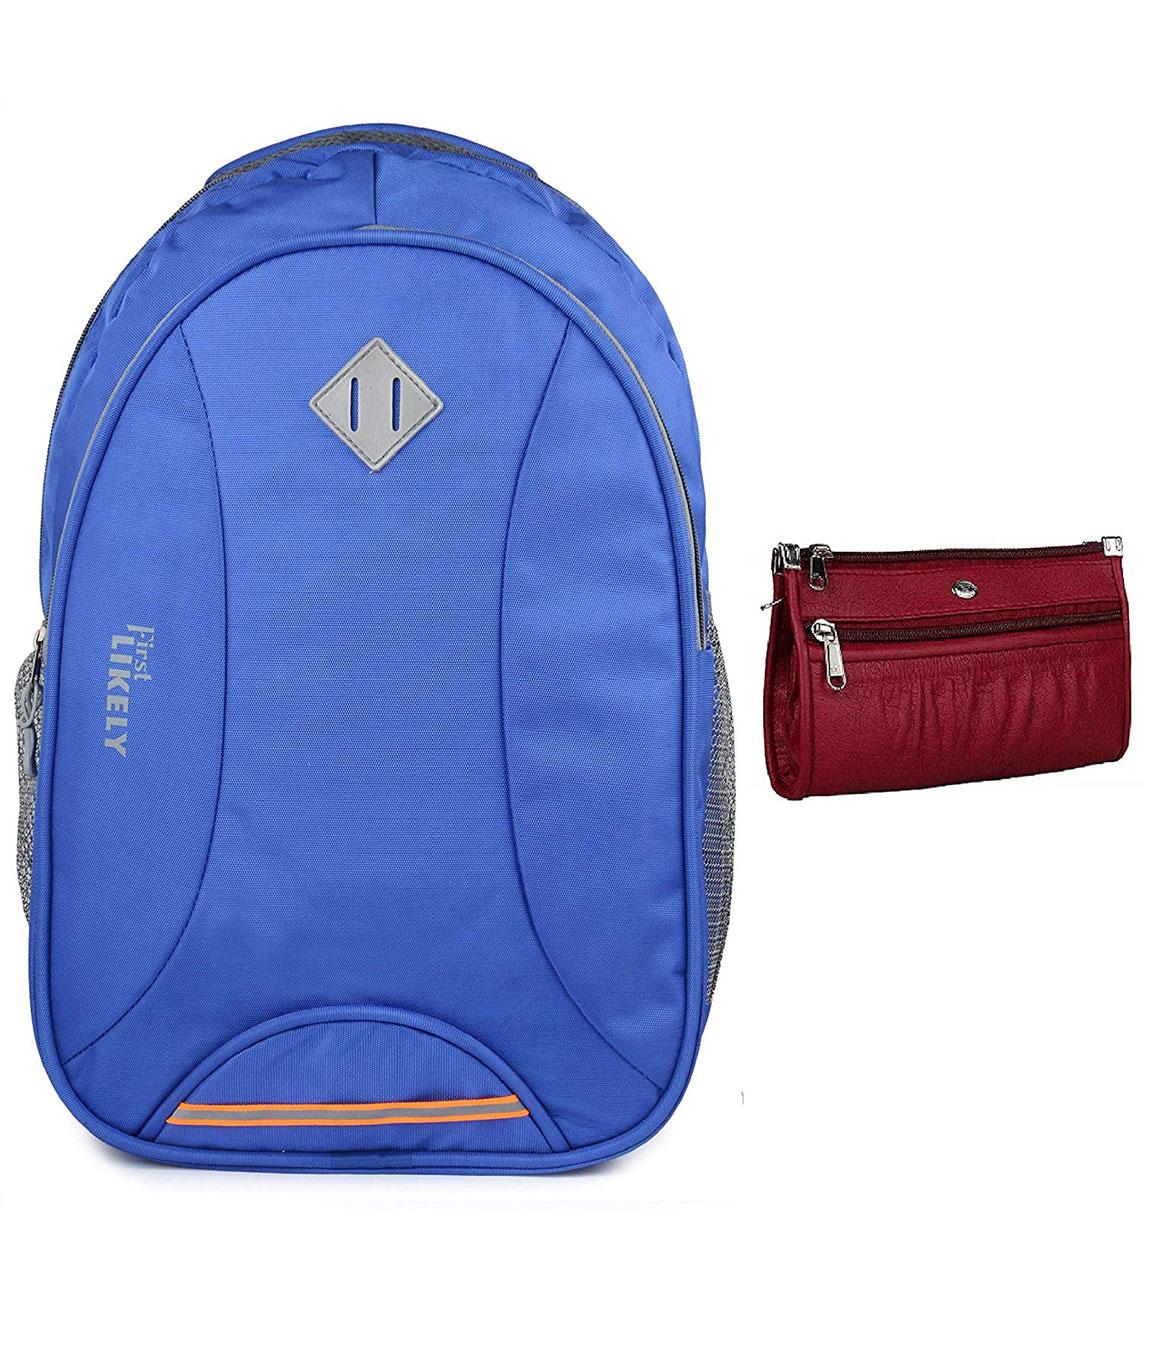 Kavi`s Women`s and Men`s Nylon Polyester 18 Inch Laptop Bag Backpacks School Bag (Royal Blue)